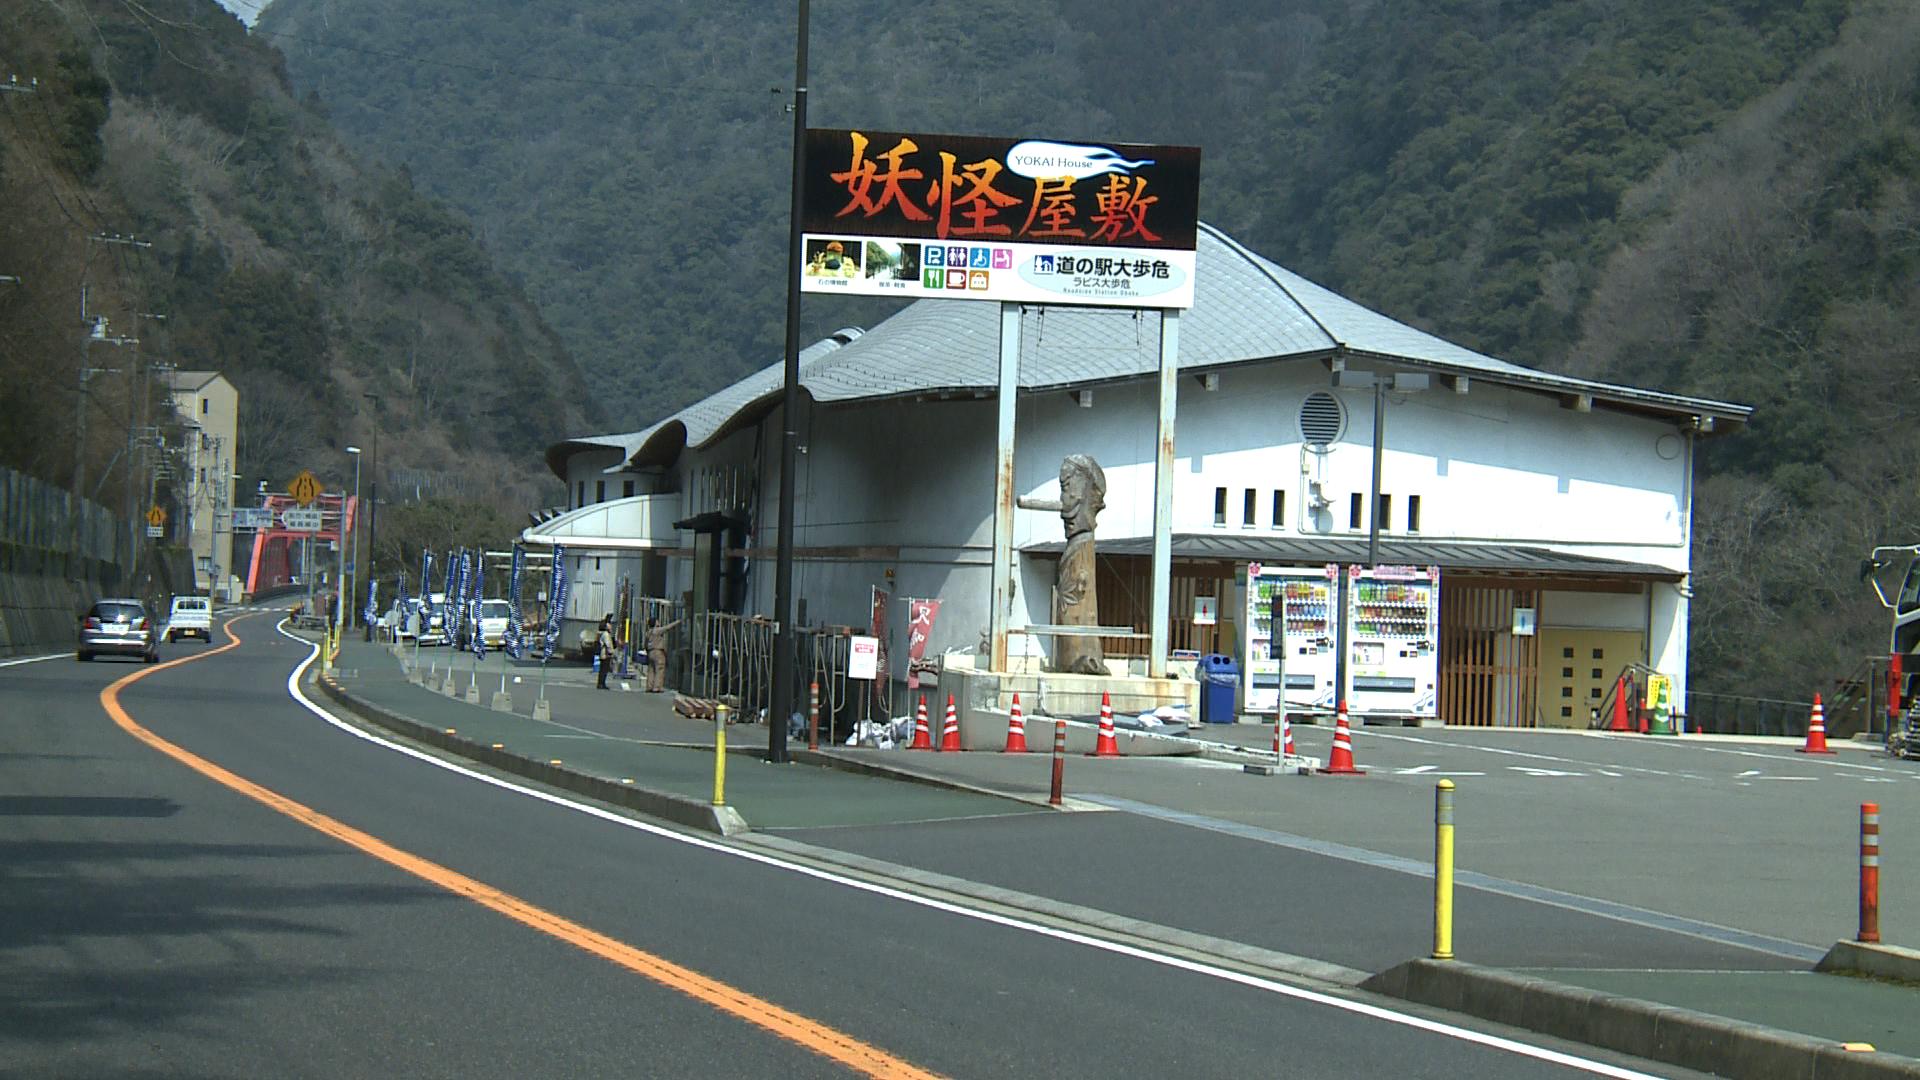 徳島県の「道の駅大歩危」に行けば、ユニークな妖怪に遭えますよ!のサムネイル画像